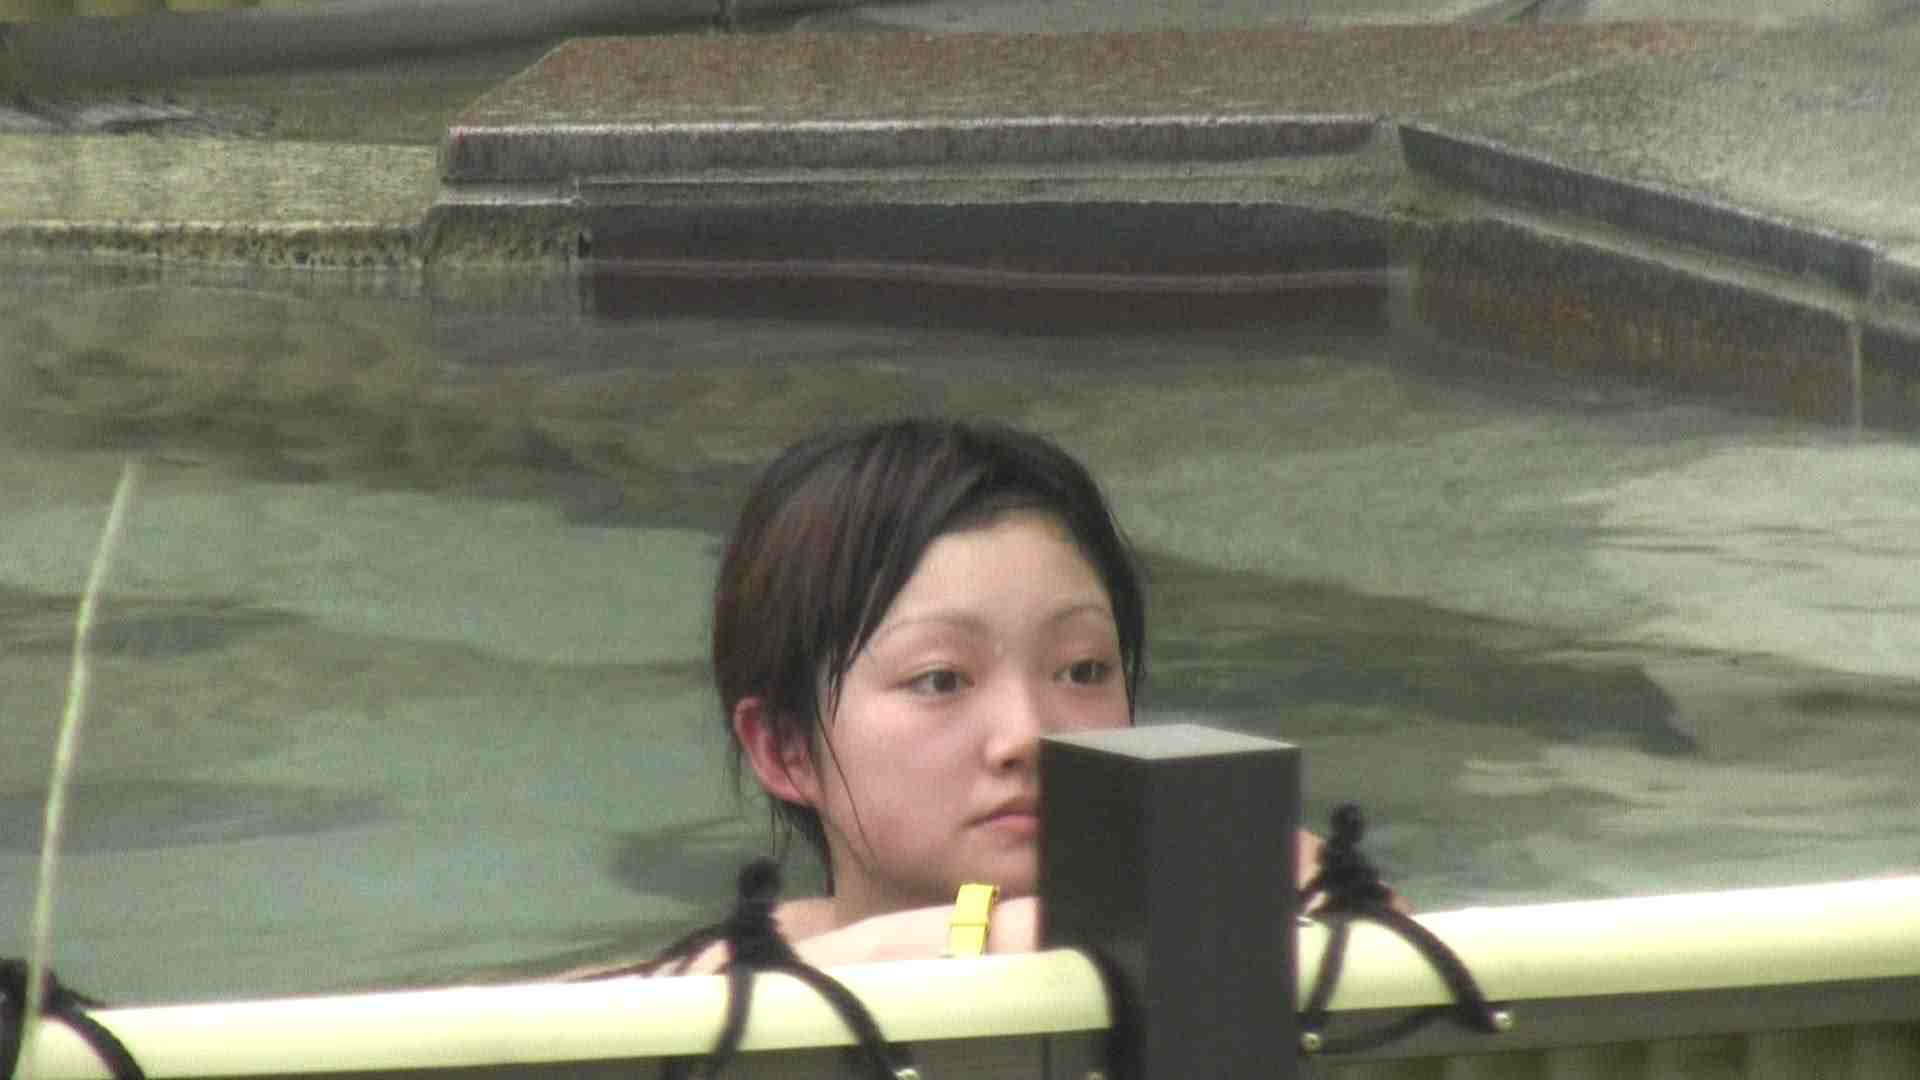 Aquaな露天風呂Vol.126 OLのエロ生活 戯れ無修正画像 72連発 41